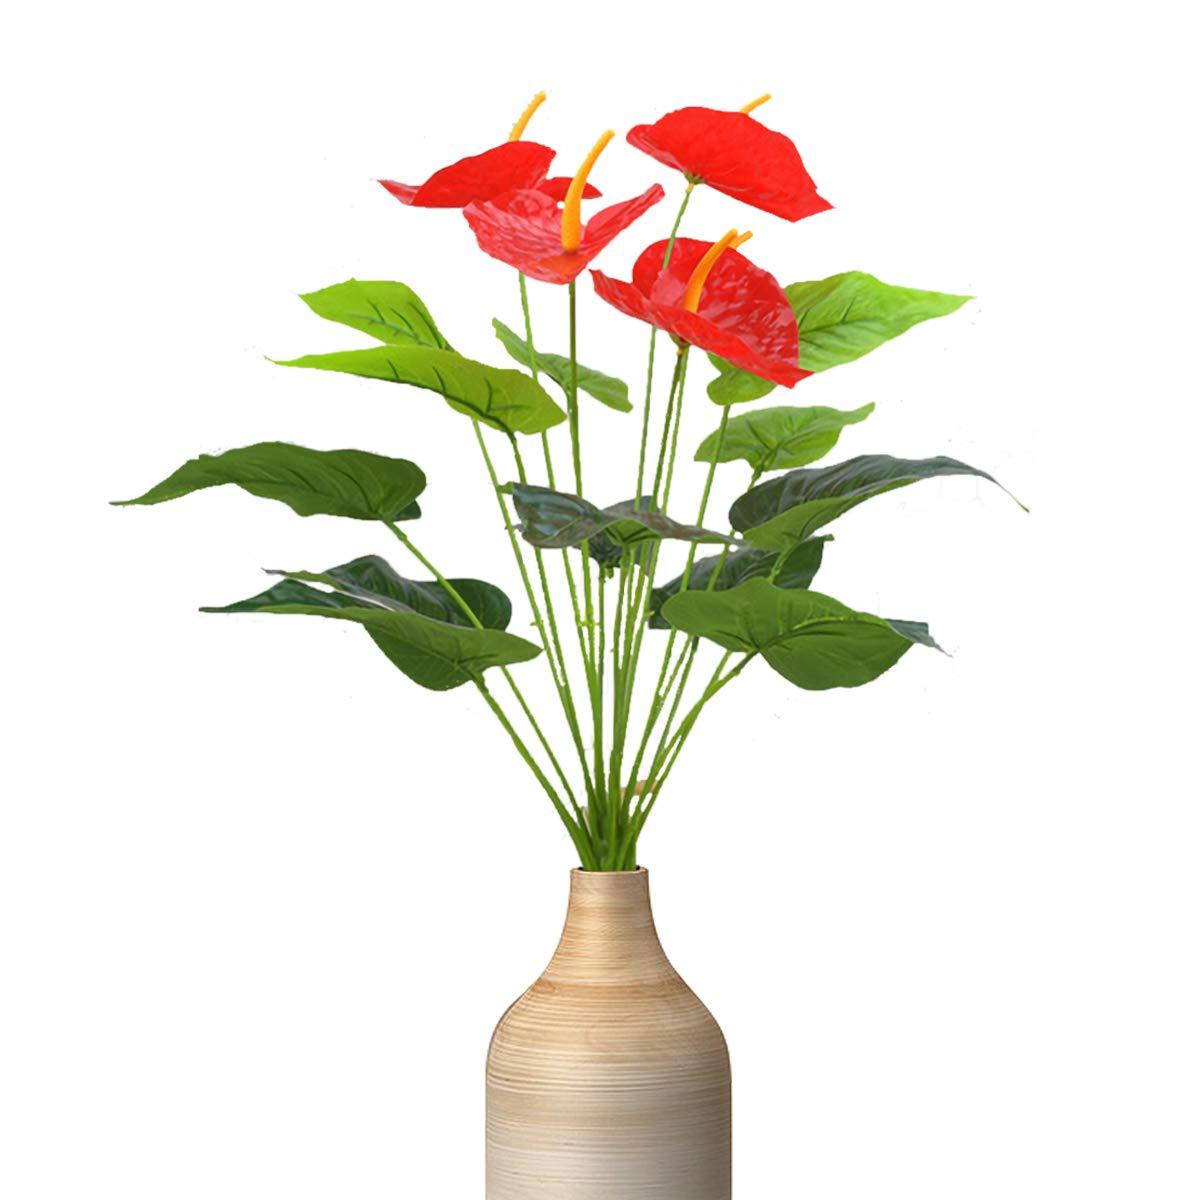 造花 造花 プラスチックフラワーブーケ 人工アントリウム ホームガーデンパーティー ウェディング オフィス装飾 B07PLD14ML